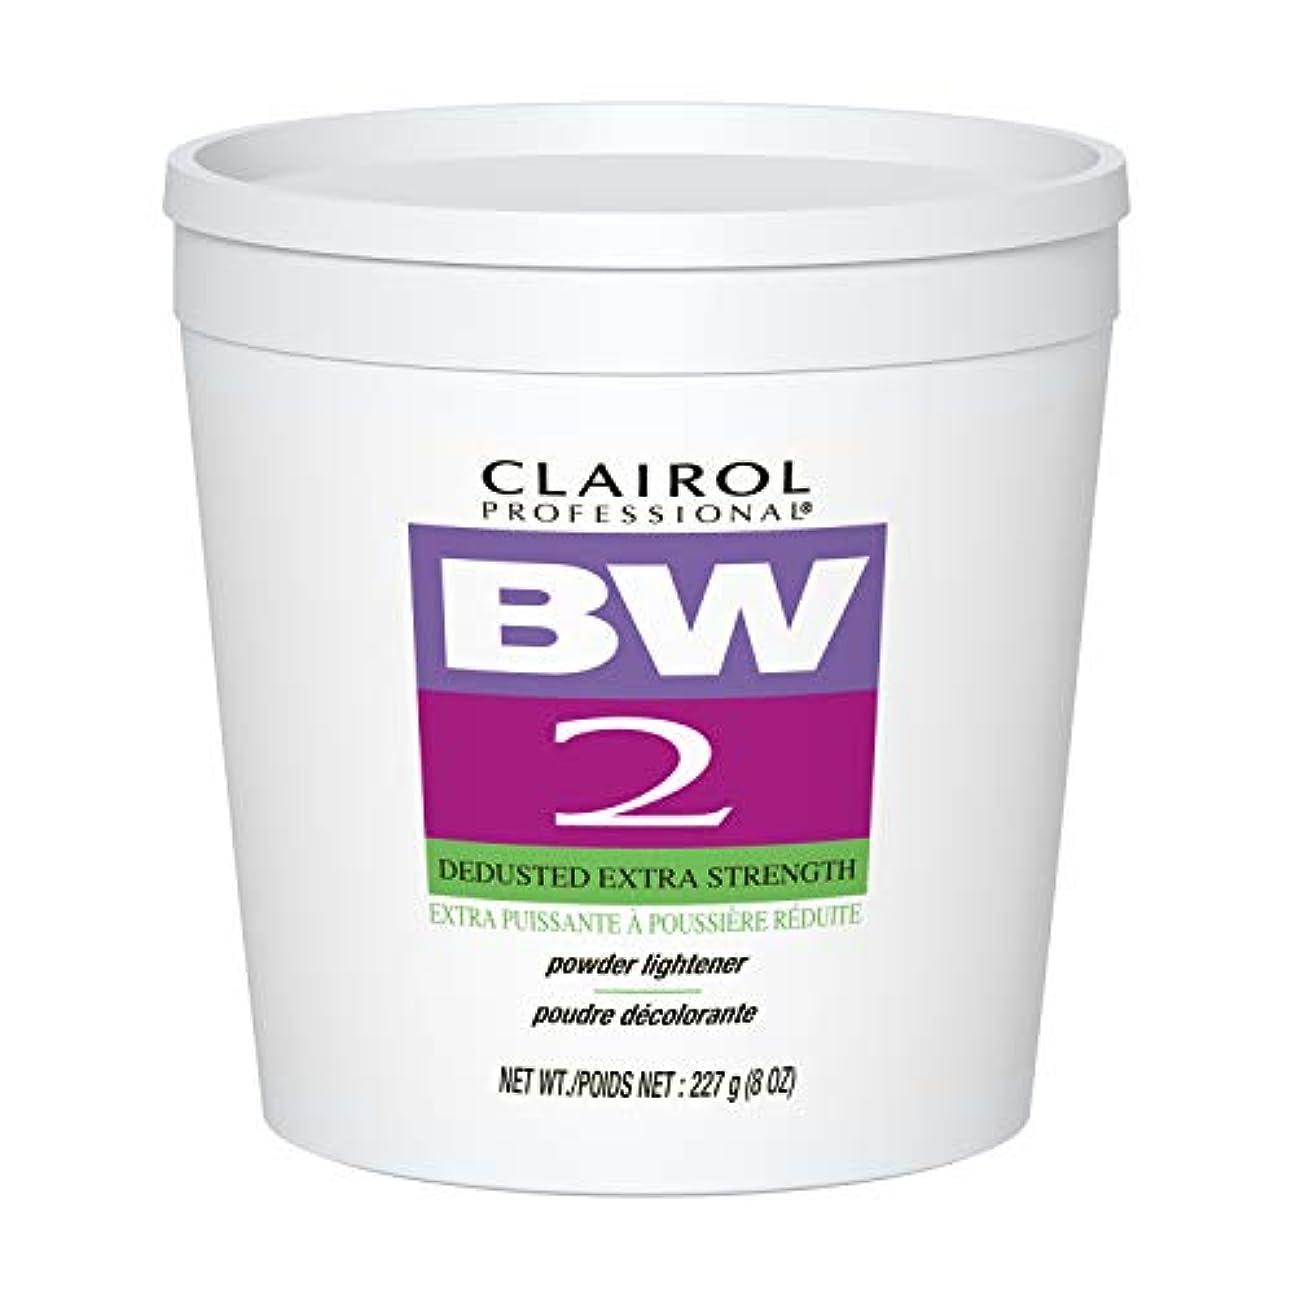 退屈性能レンジClairol BW2パウダーライトナー、8オンス